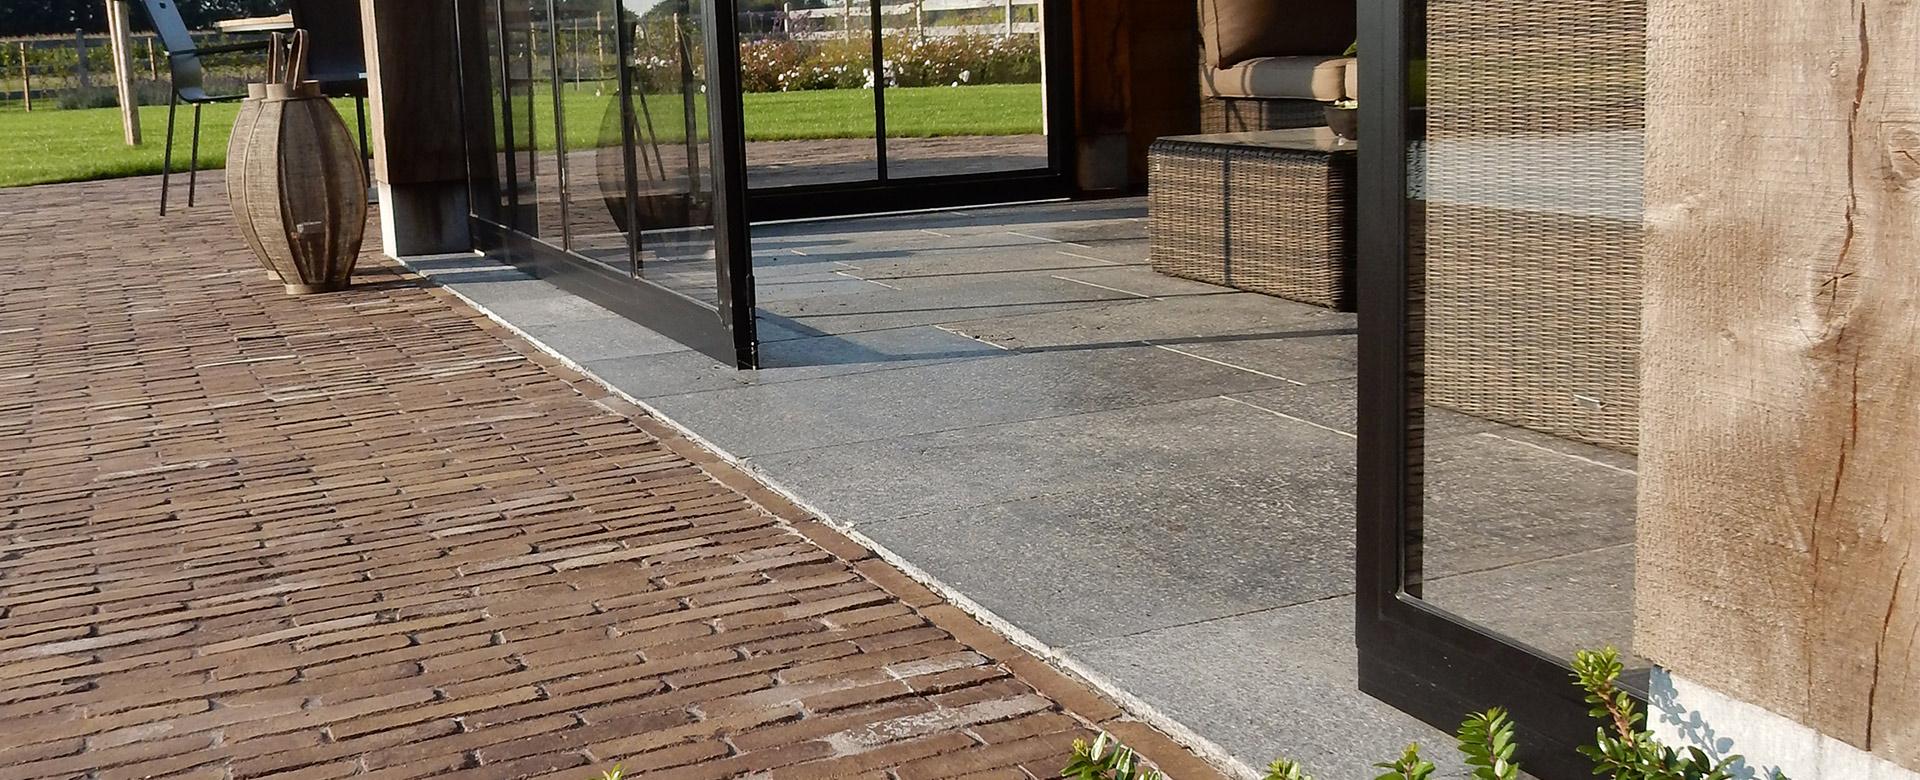 aanleg terrassen en opritten terrassen in natuursteen. Black Bedroom Furniture Sets. Home Design Ideas